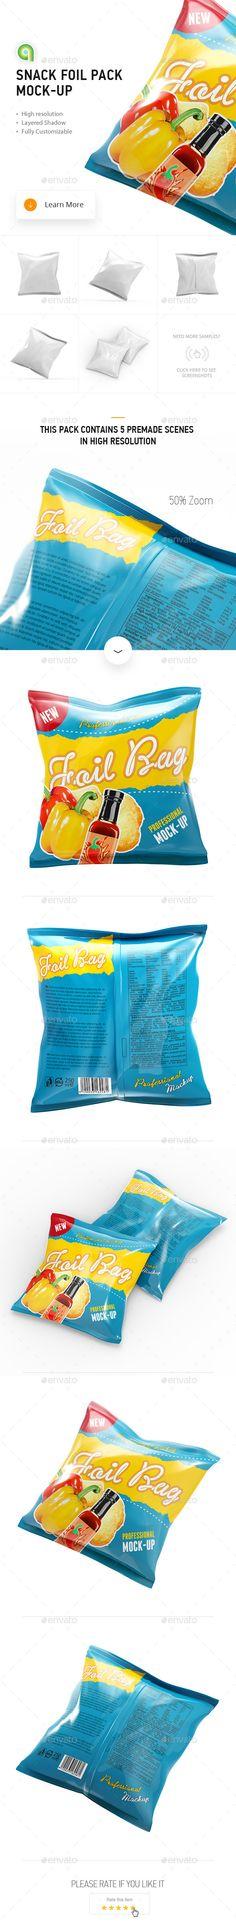 Snack Foil Pack Mock-up #design Download: http://graphicriver.net/item/snack-foil-pack-mockup/13000499?ref=ksioks